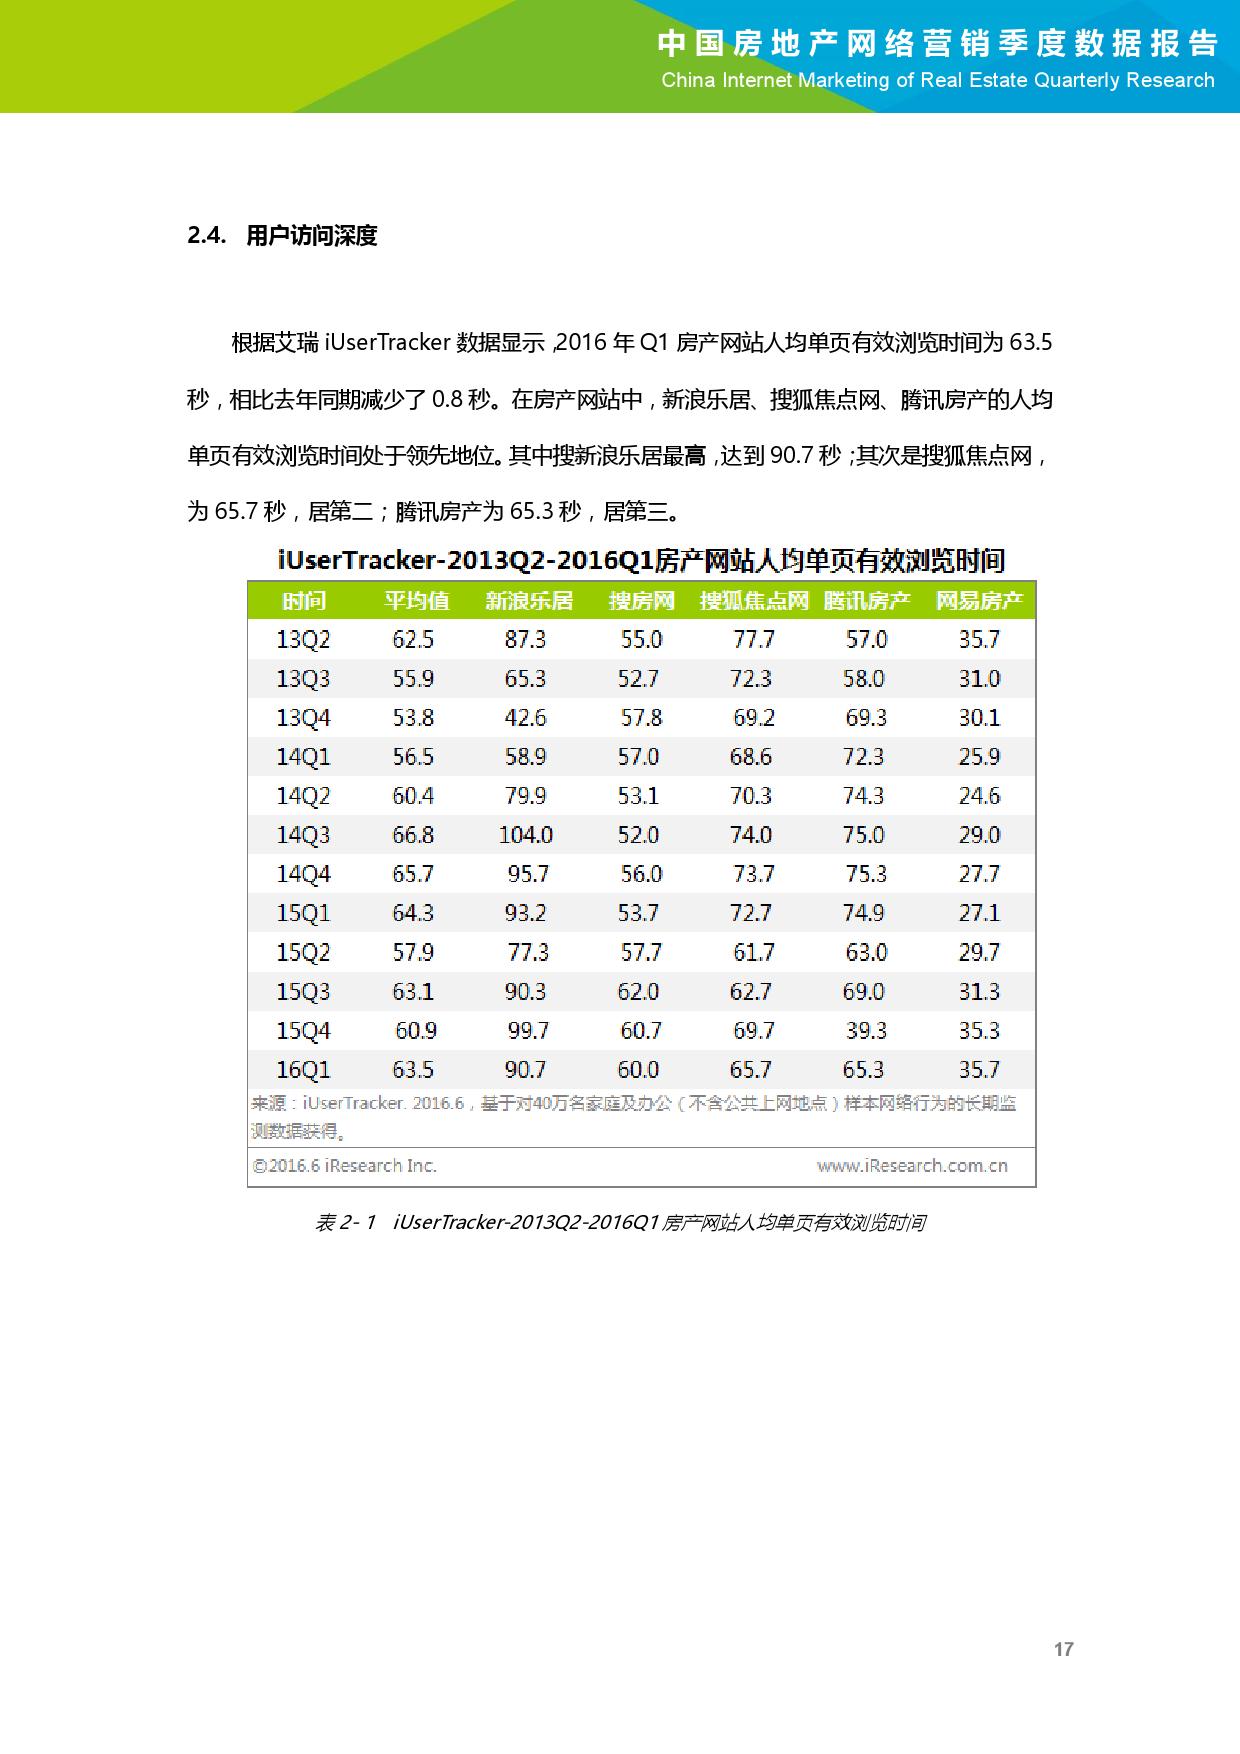 2016年Q1中国房地产网络营销季度数据报告_000018